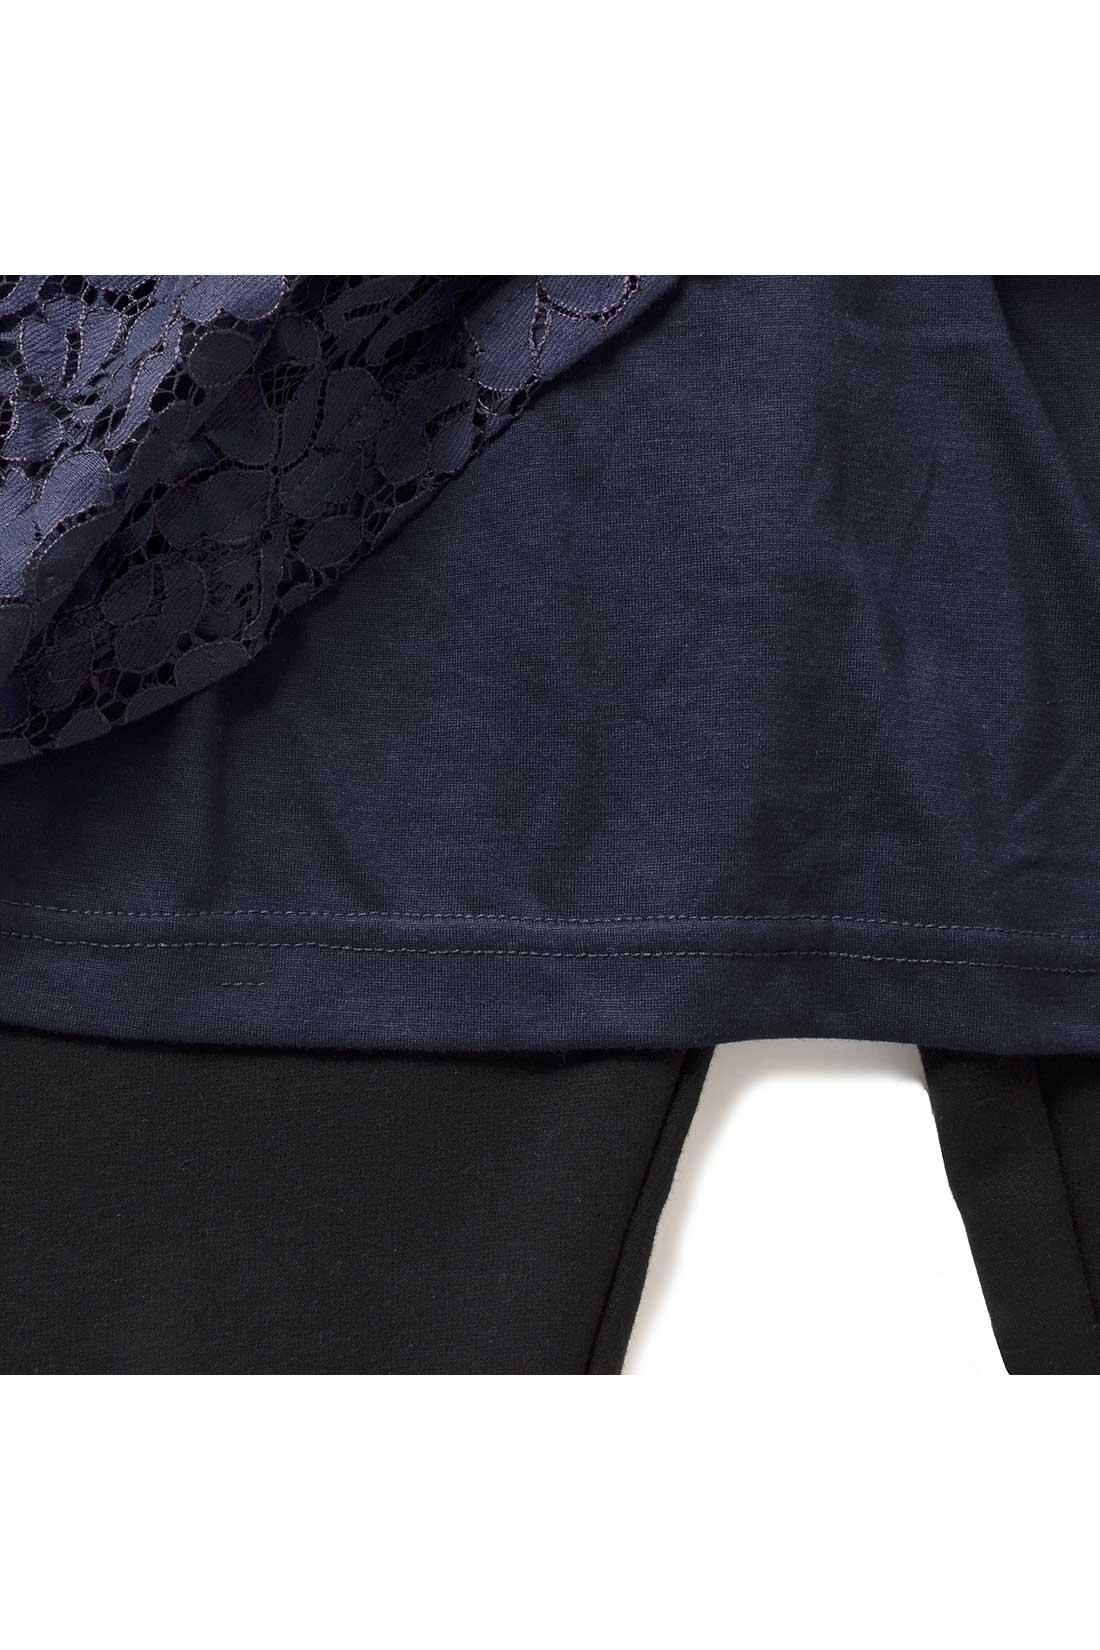 スカートは、安心のカットソーの裏地付き。